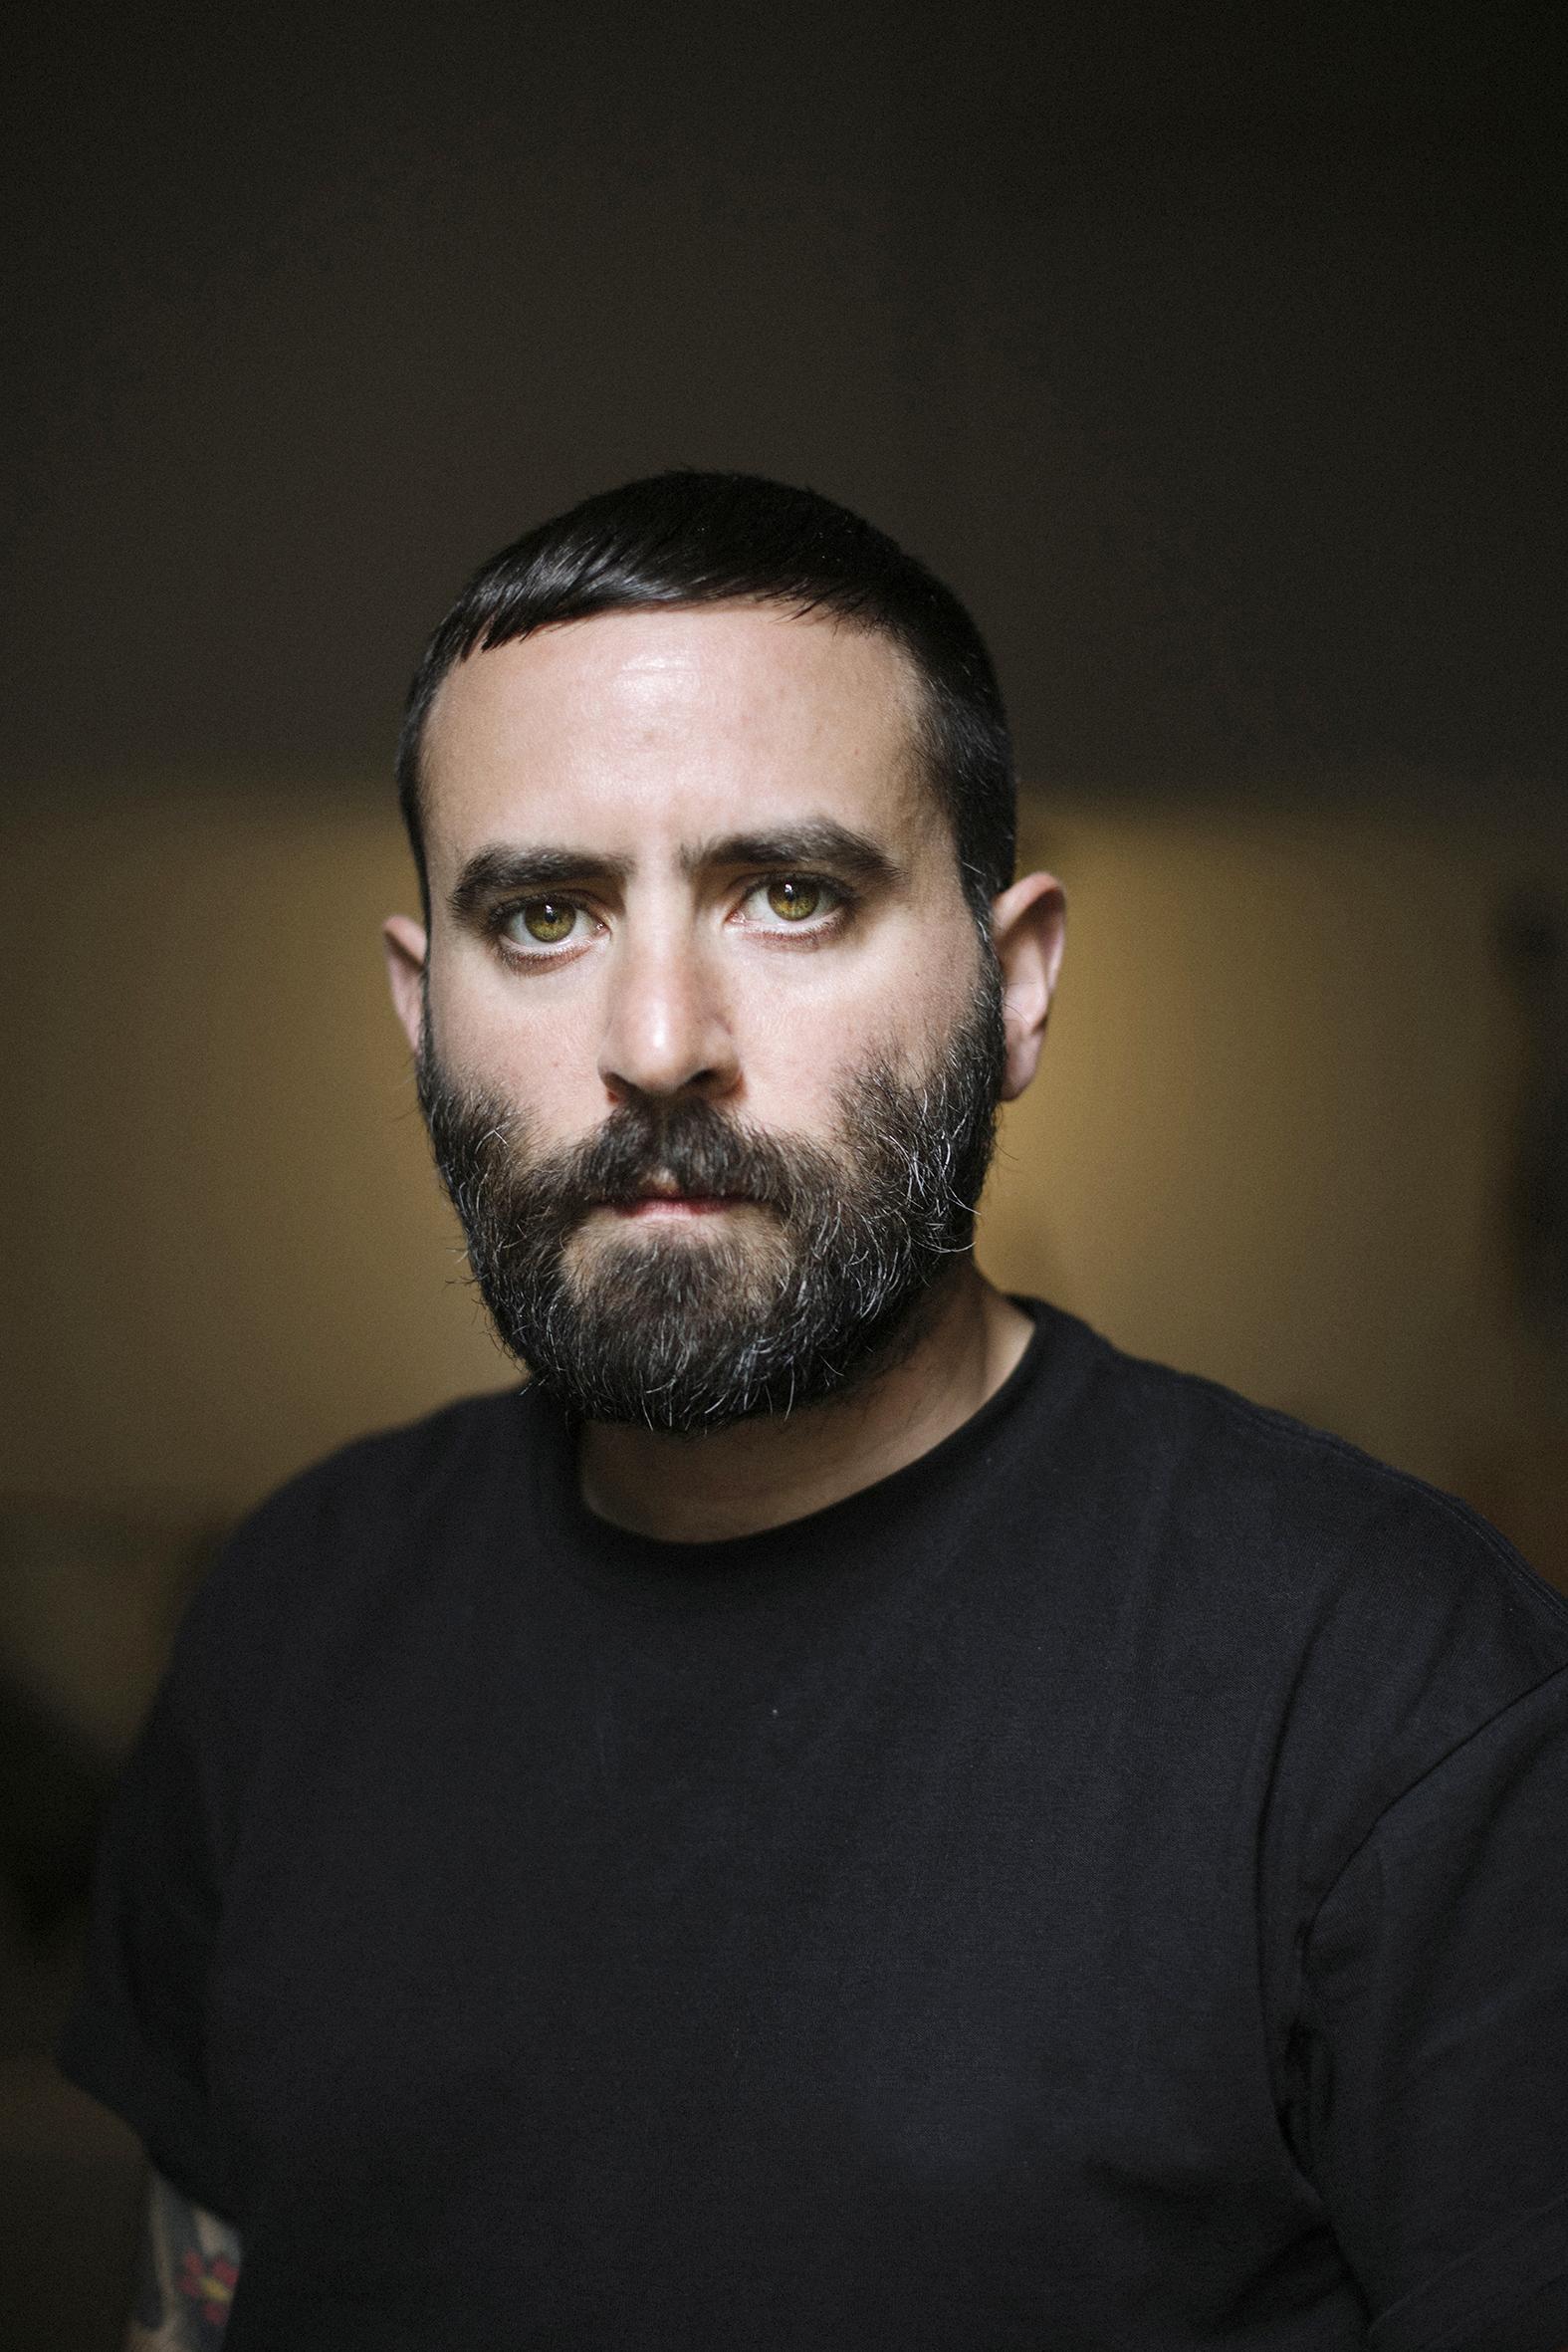 Giulio Squillacciotti